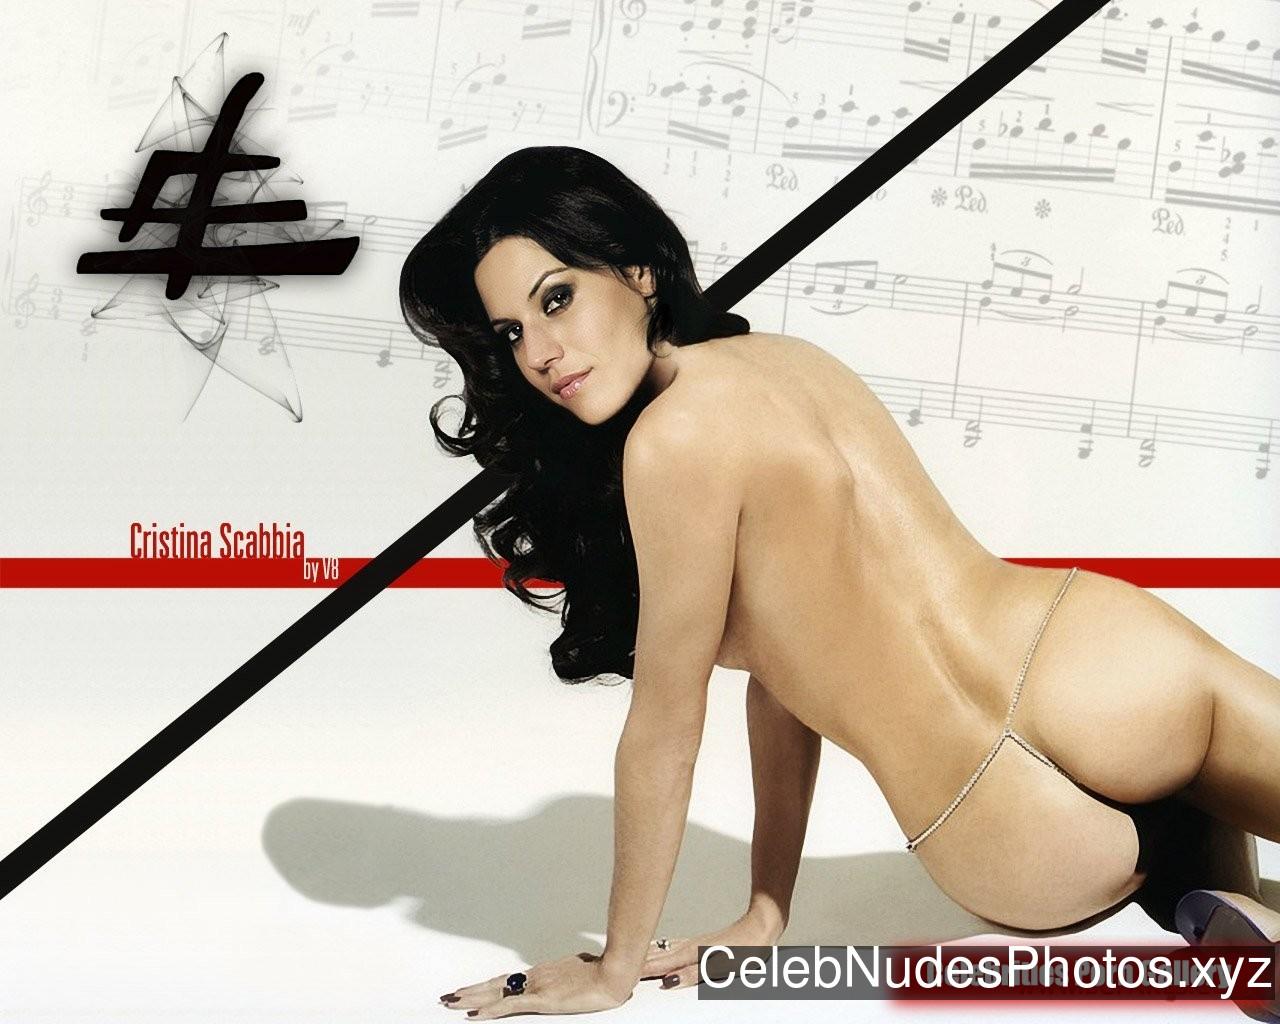 Cristina Scabbia Nude Celeb sexy 2